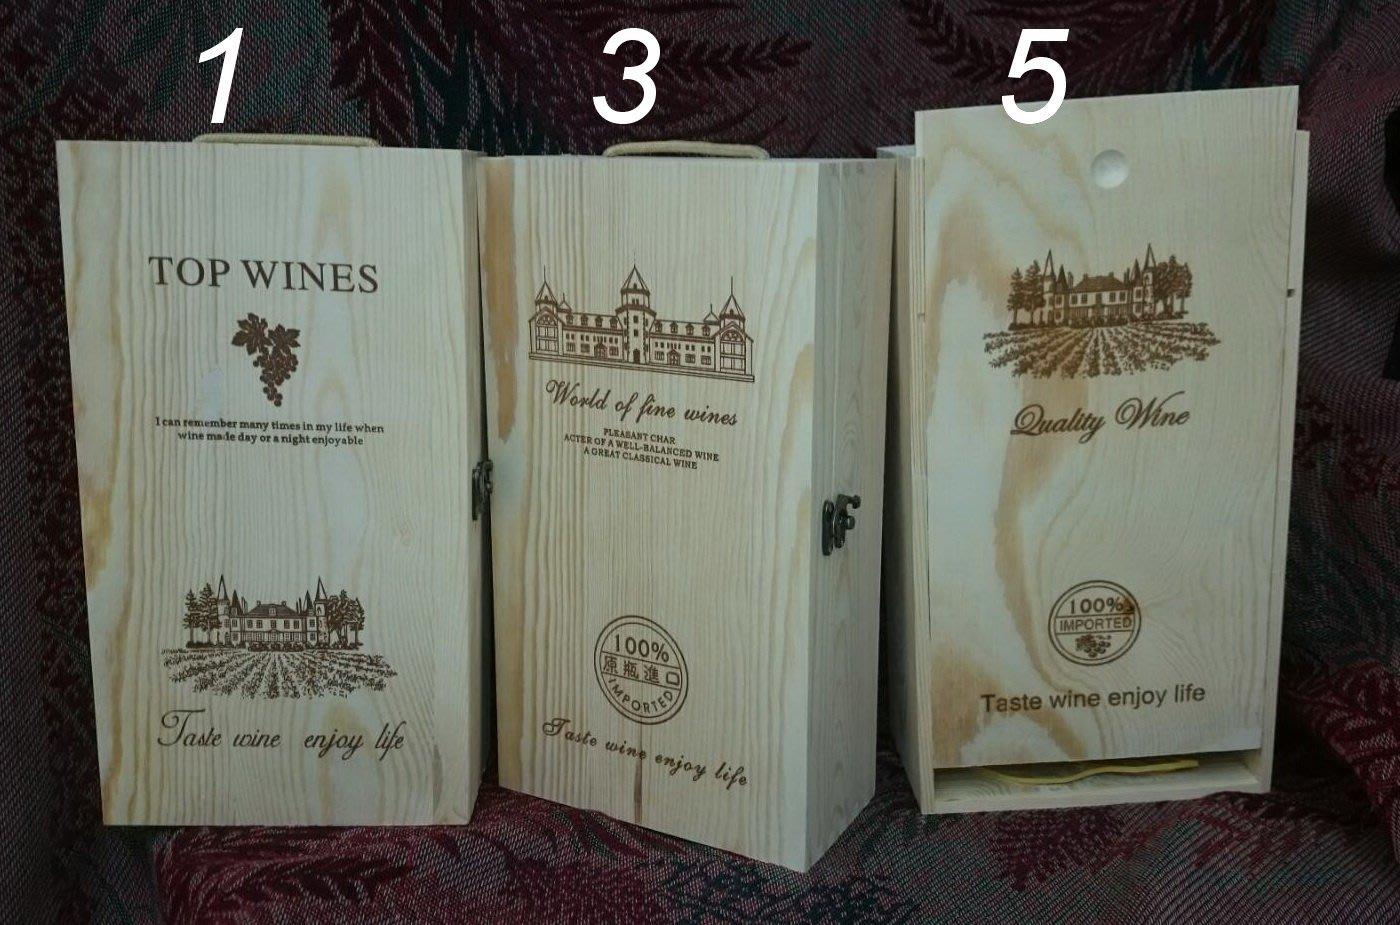 【螢螢傢飾】翻蓋雙支桐木仿古酒盒 葡萄酒木盒 紅酒木盒 白酒禮盒  ZAKA雜貨  紅酒木箱